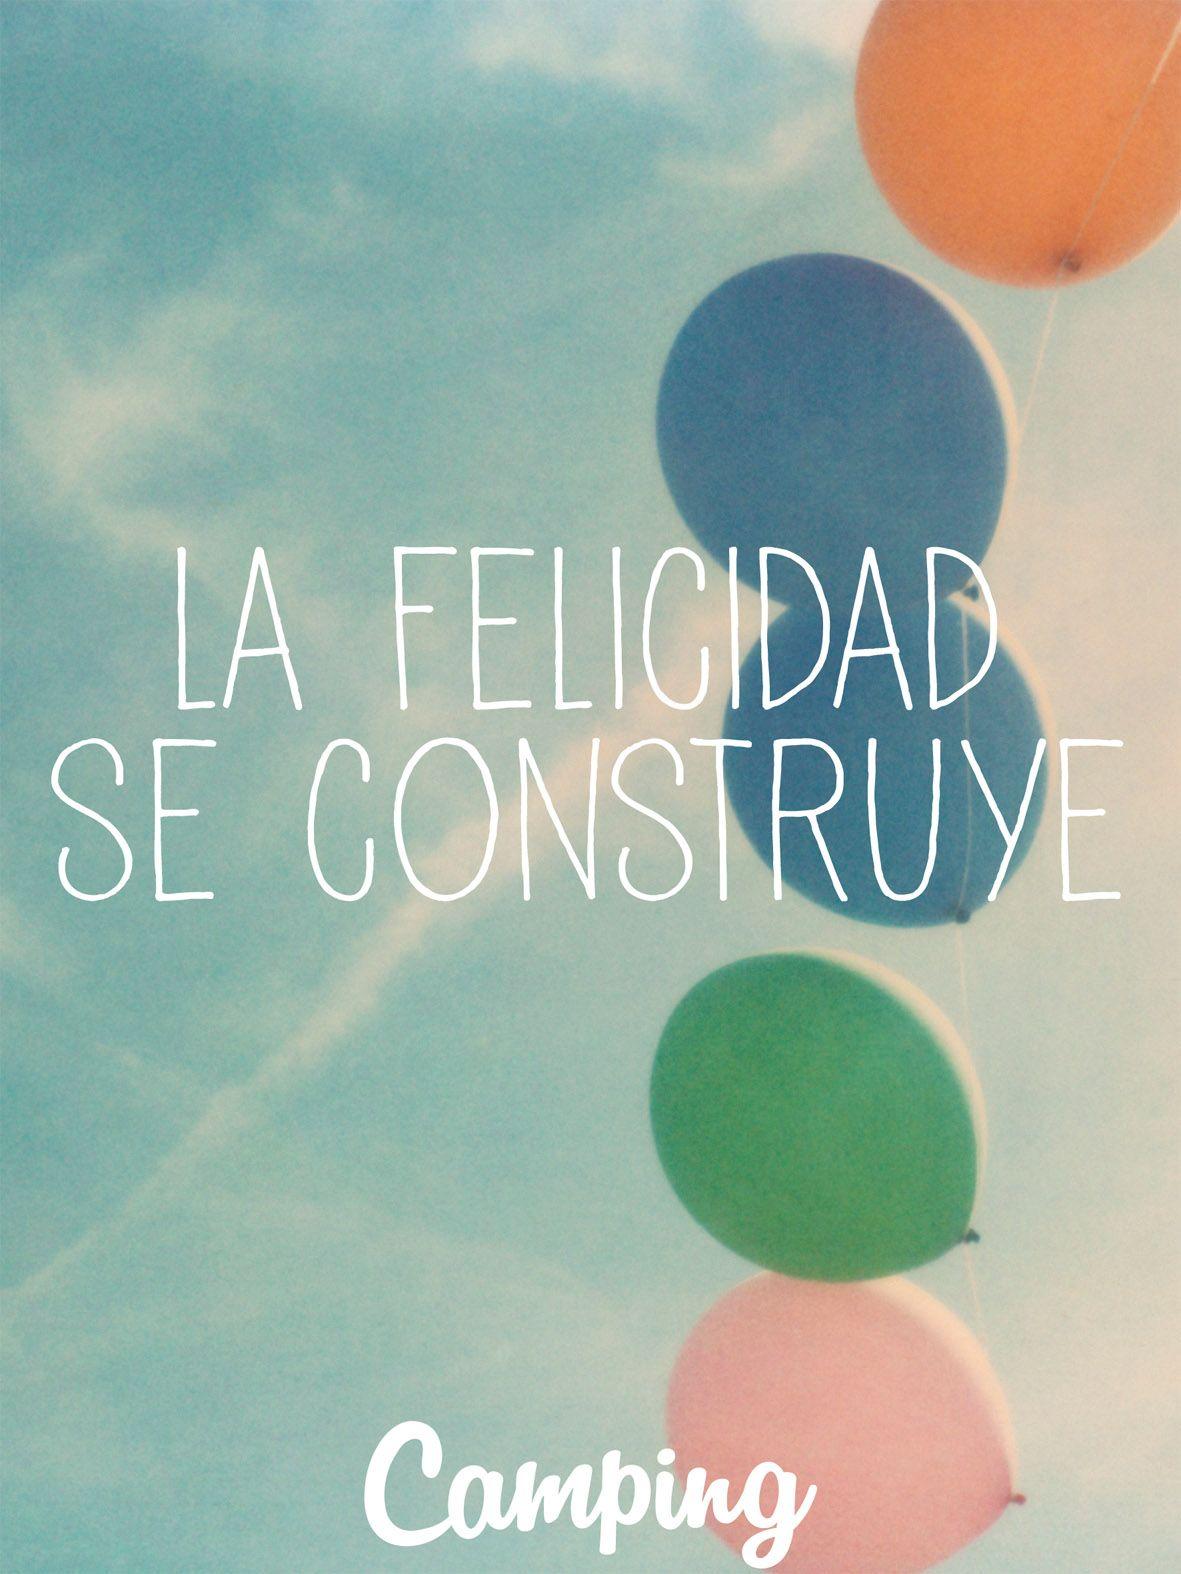 La felicidad se construye.  www.camping-diasfelices.com